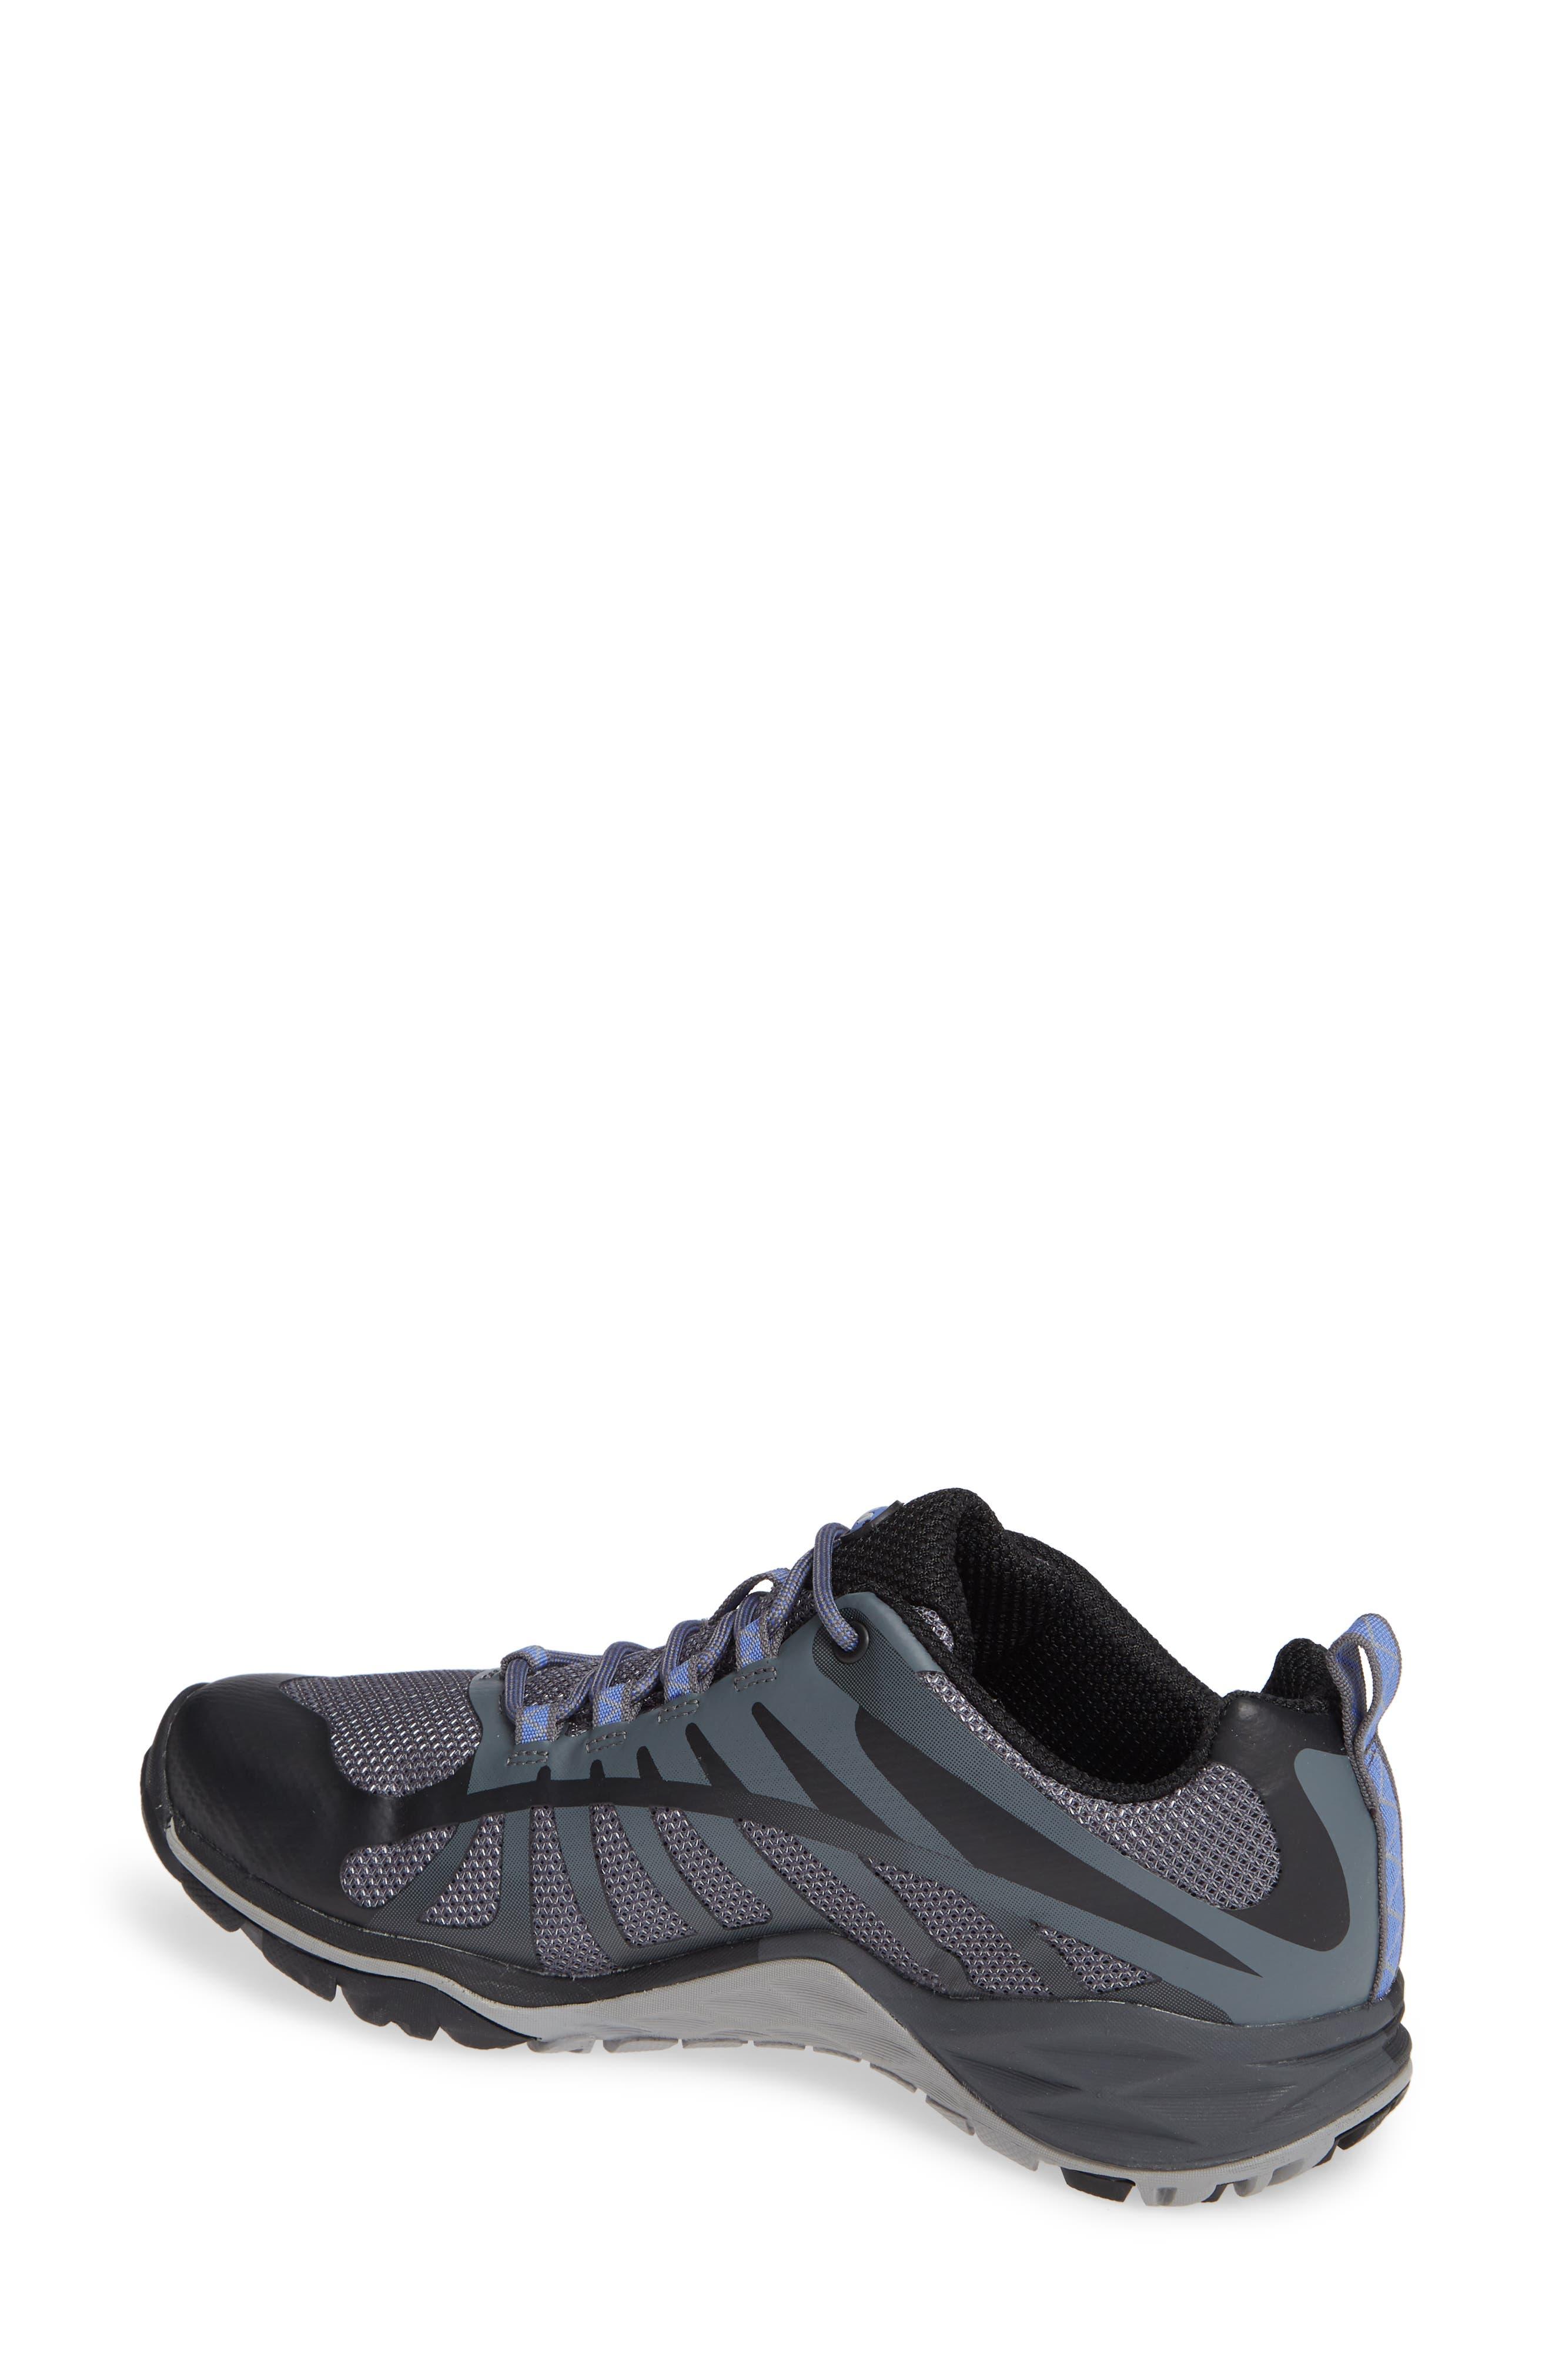 MERRELL, Siren Edge Q2 Hiking Shoe, Alternate thumbnail 2, color, BLACK FABRIC